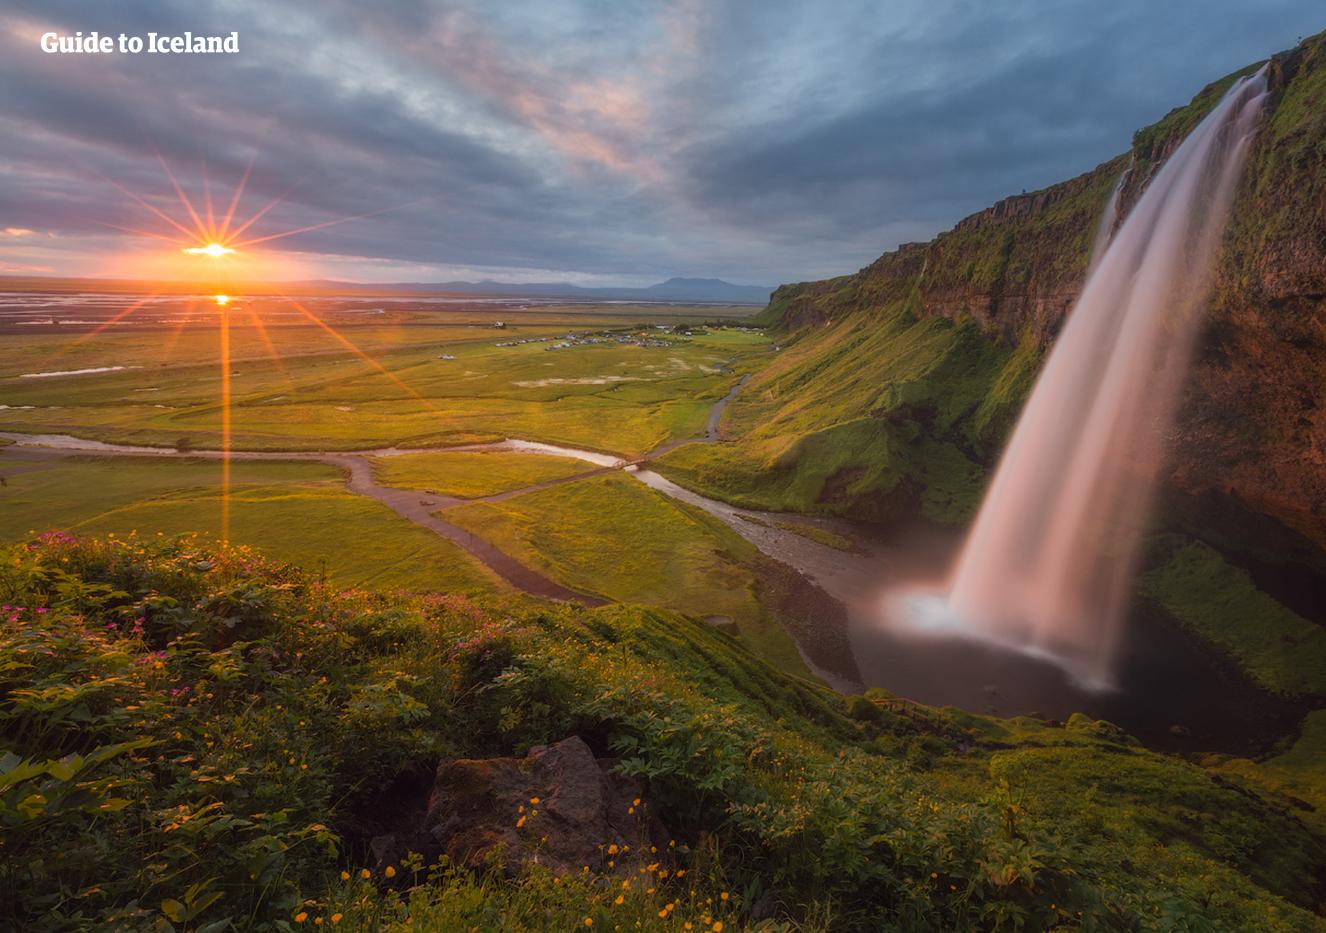 冰岛南岸的塞里雅兰瀑布旖旎而秀丽